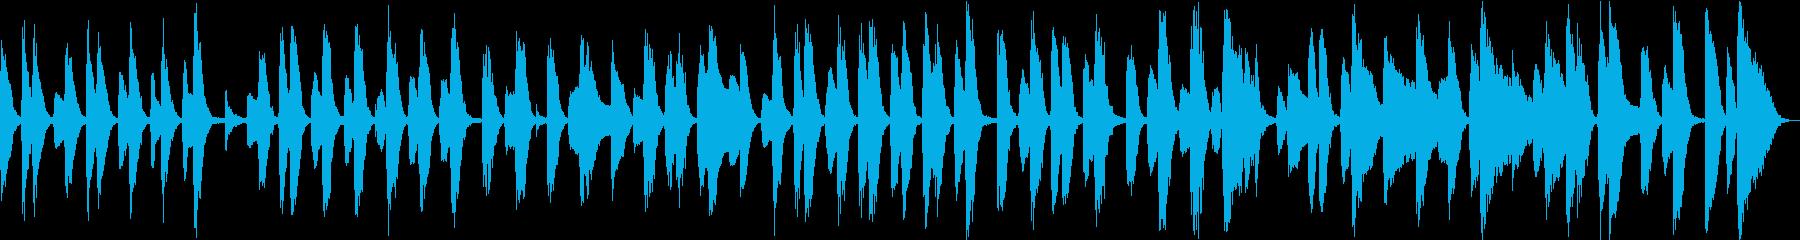 陽気なポップス、30秒。企業VP/CMにの再生済みの波形